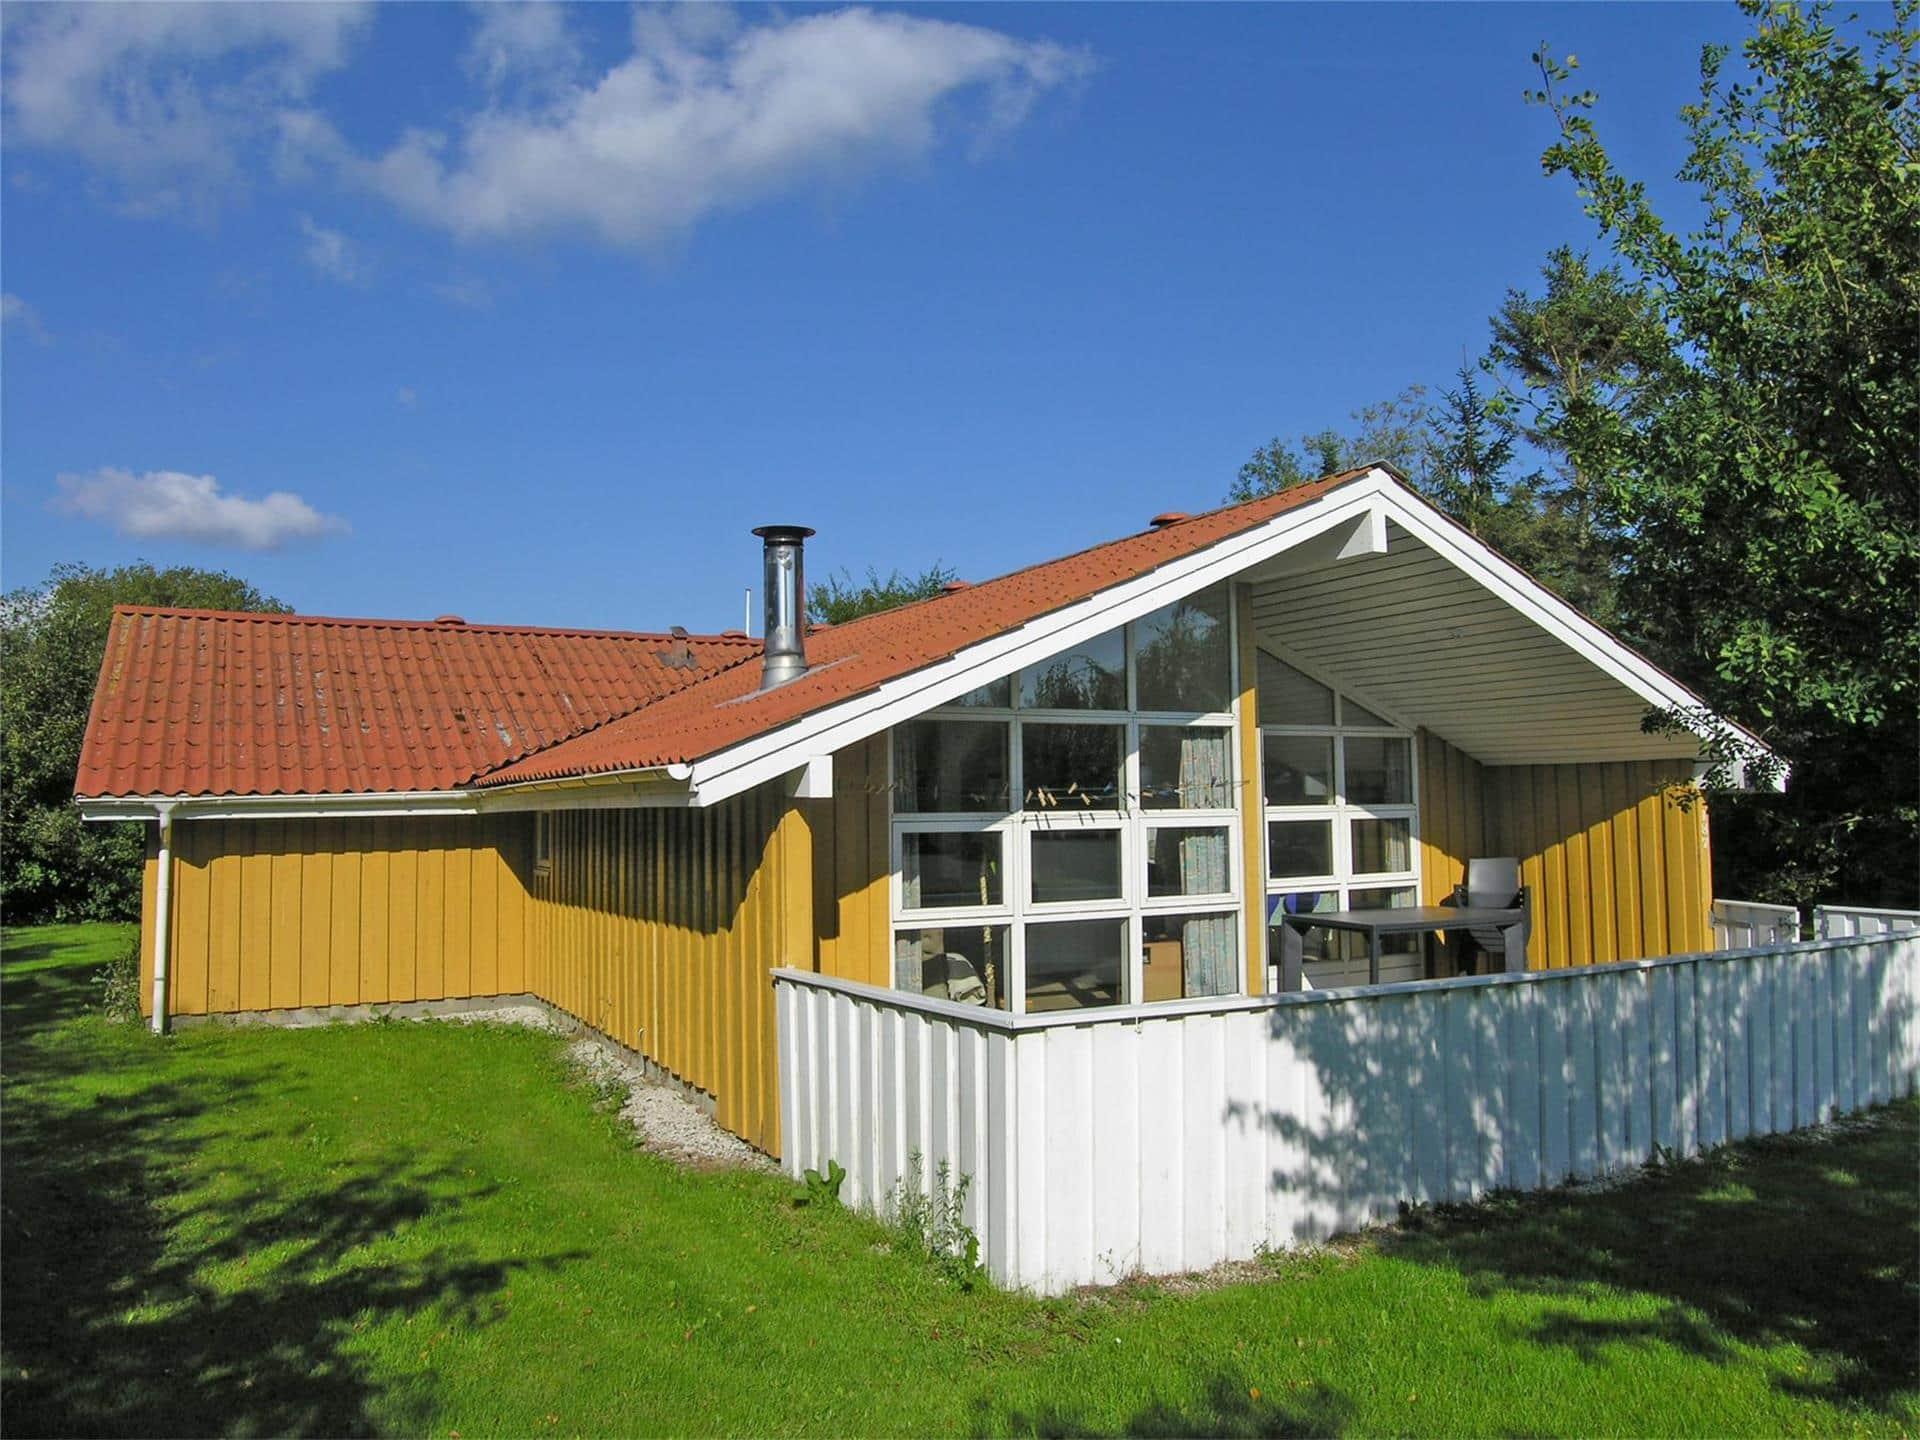 Billede 1-19 Sommerhus 40502, Pøt Strandby 187, DK - 7130 Juelsminde